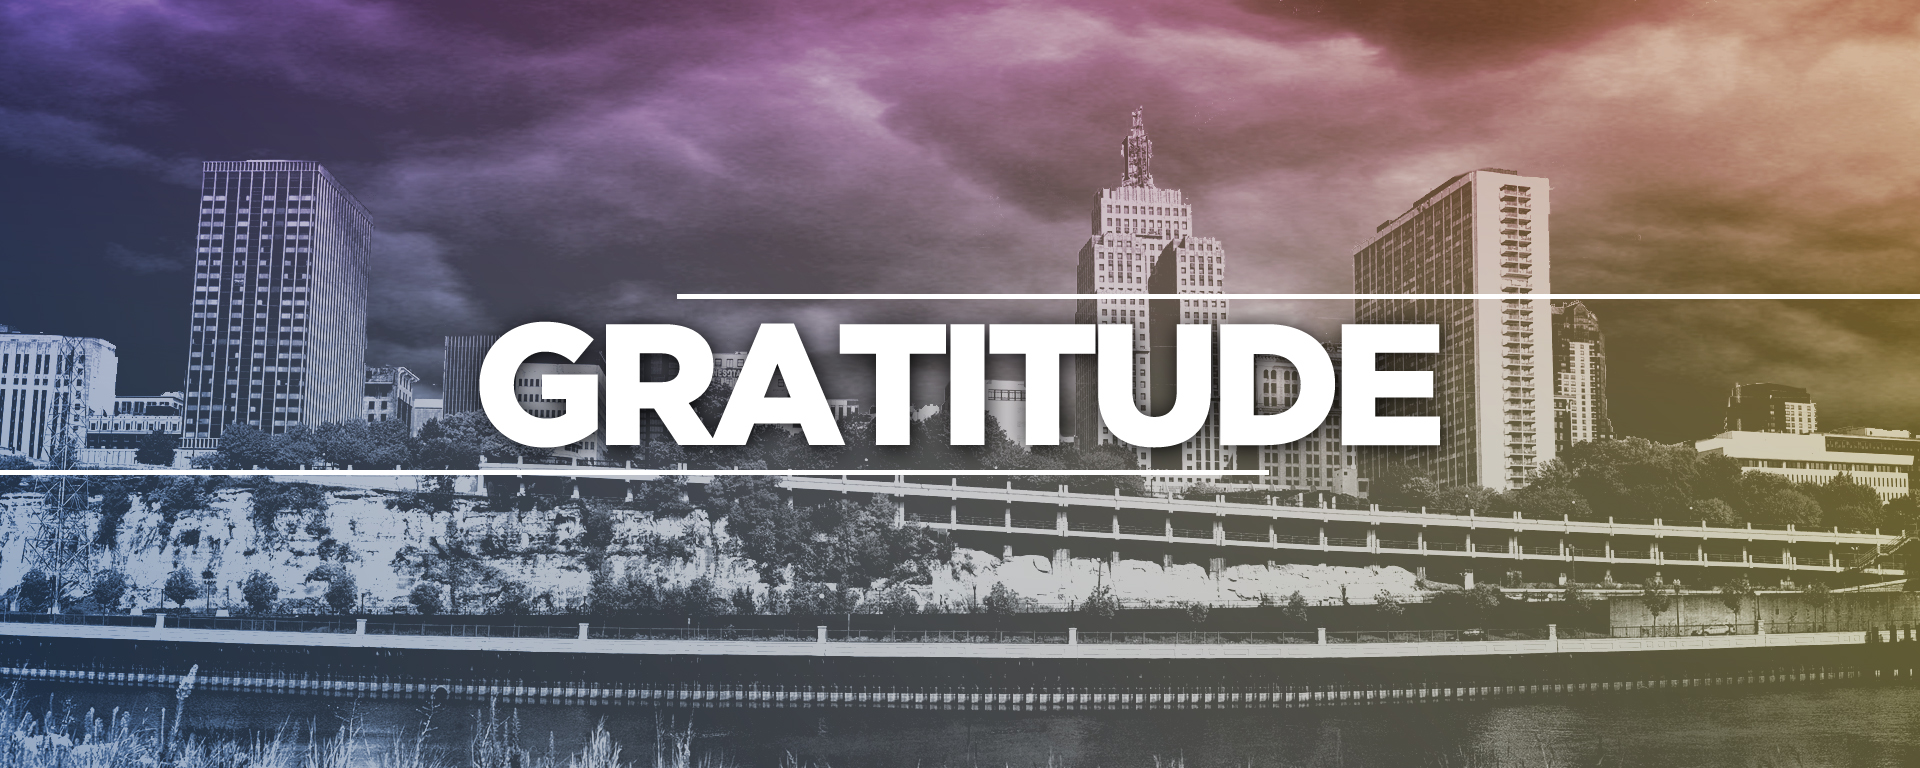 gratitudegraphic.jpg